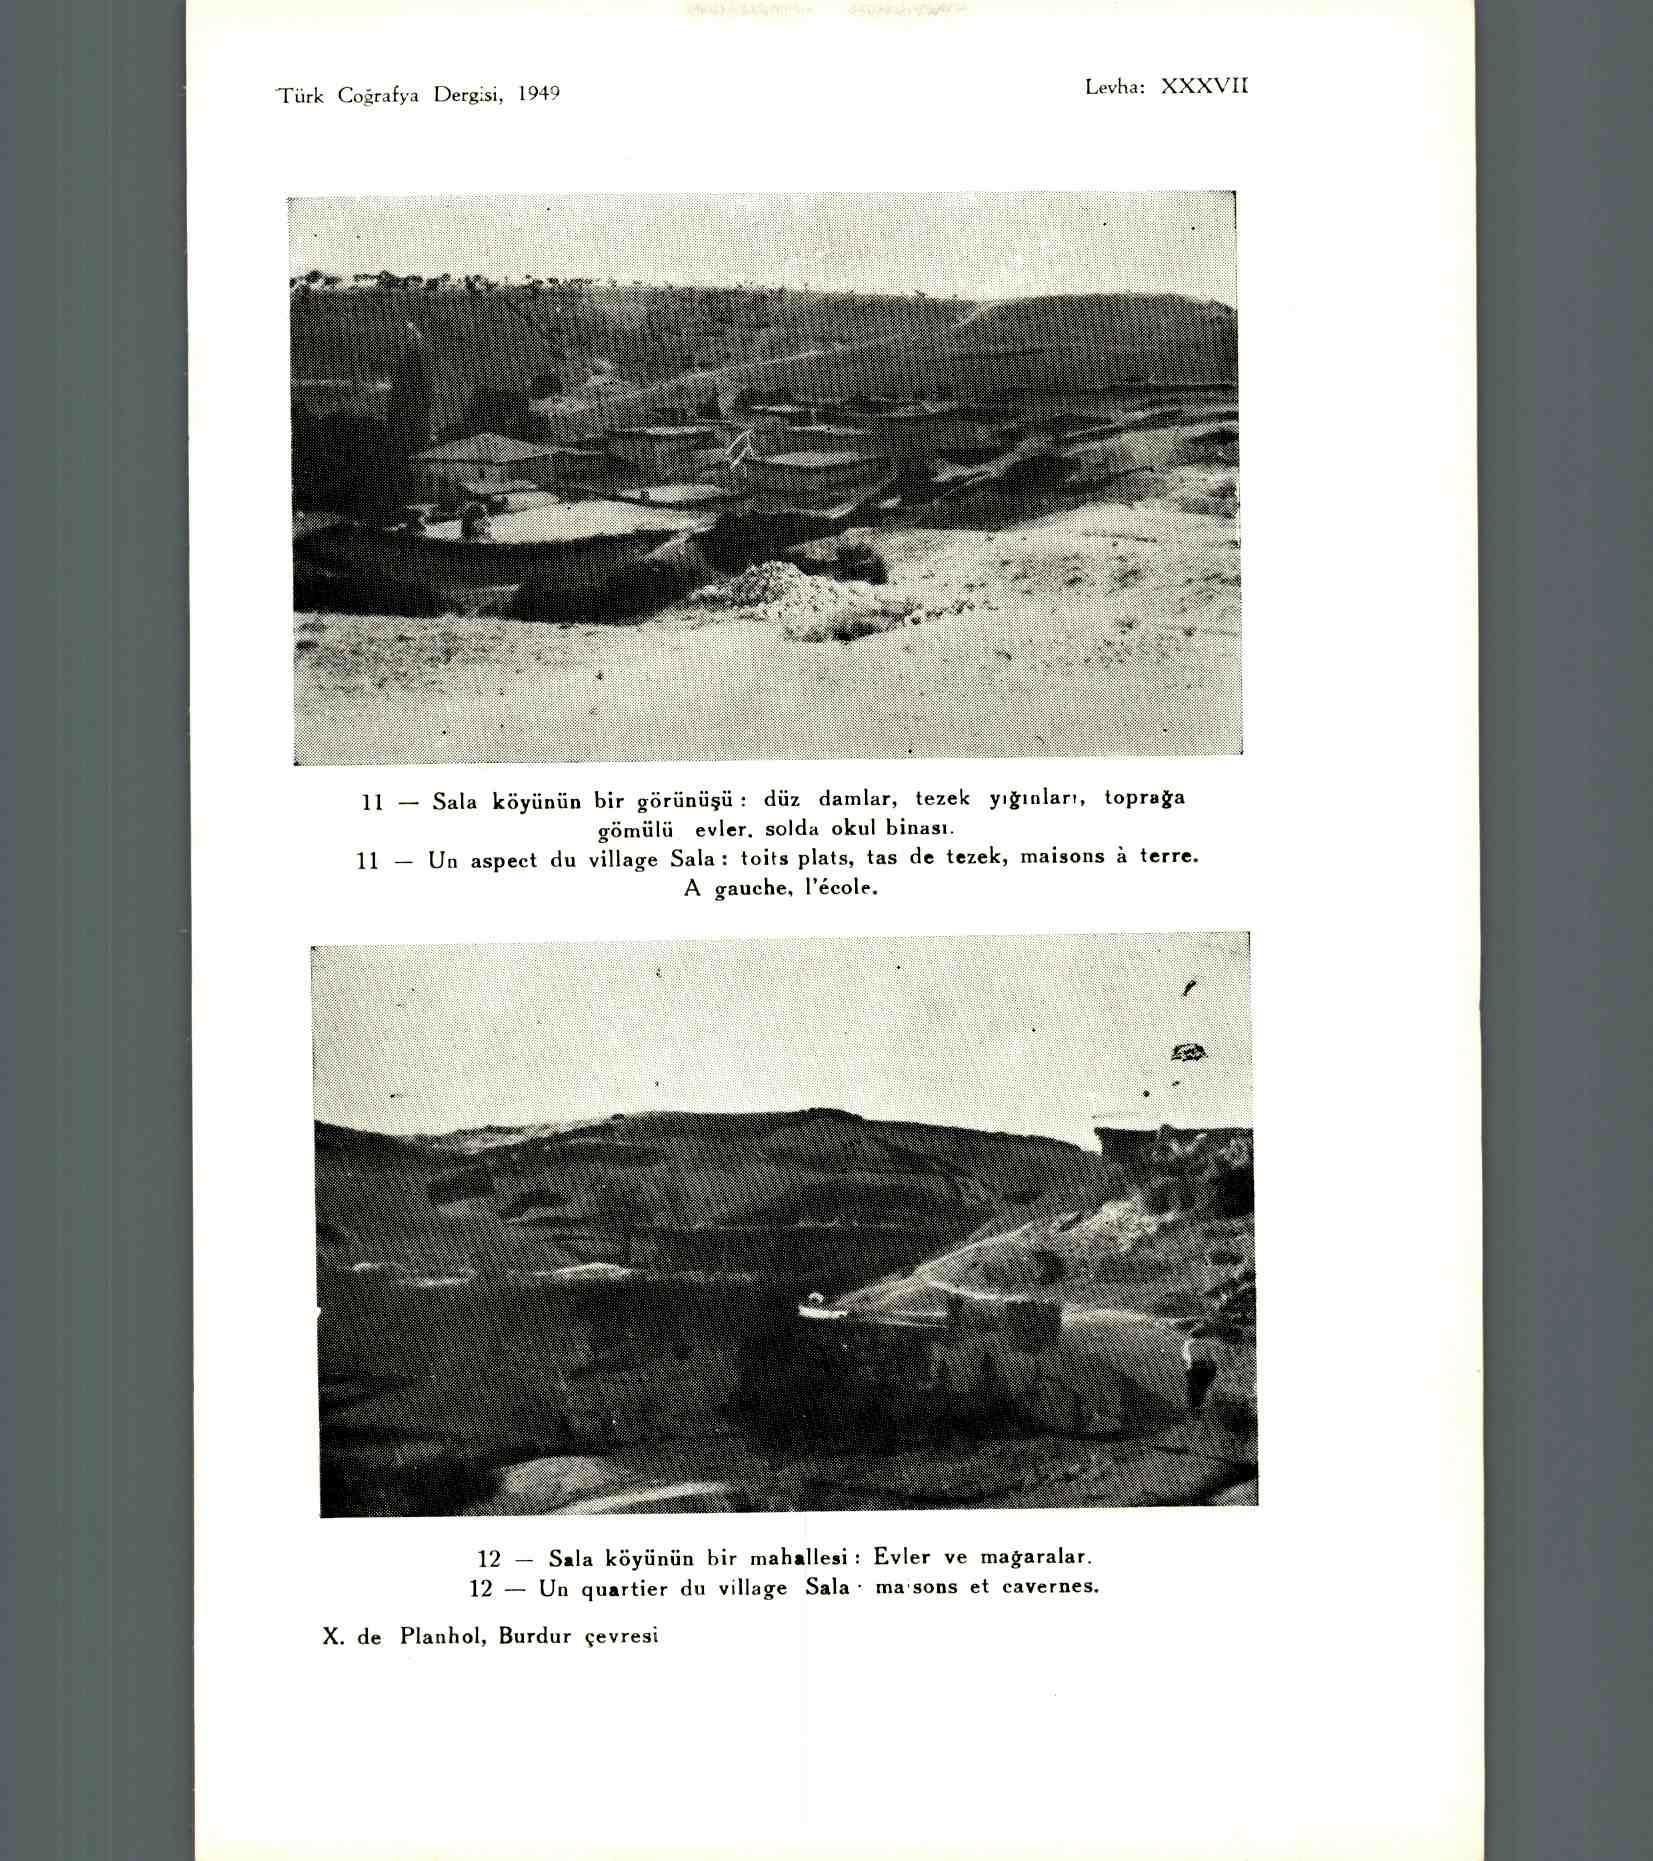 X. de Planhol, « Les types d'habitat troglodyte dans la région de Burdur », Revue de Géographie turque, 1949